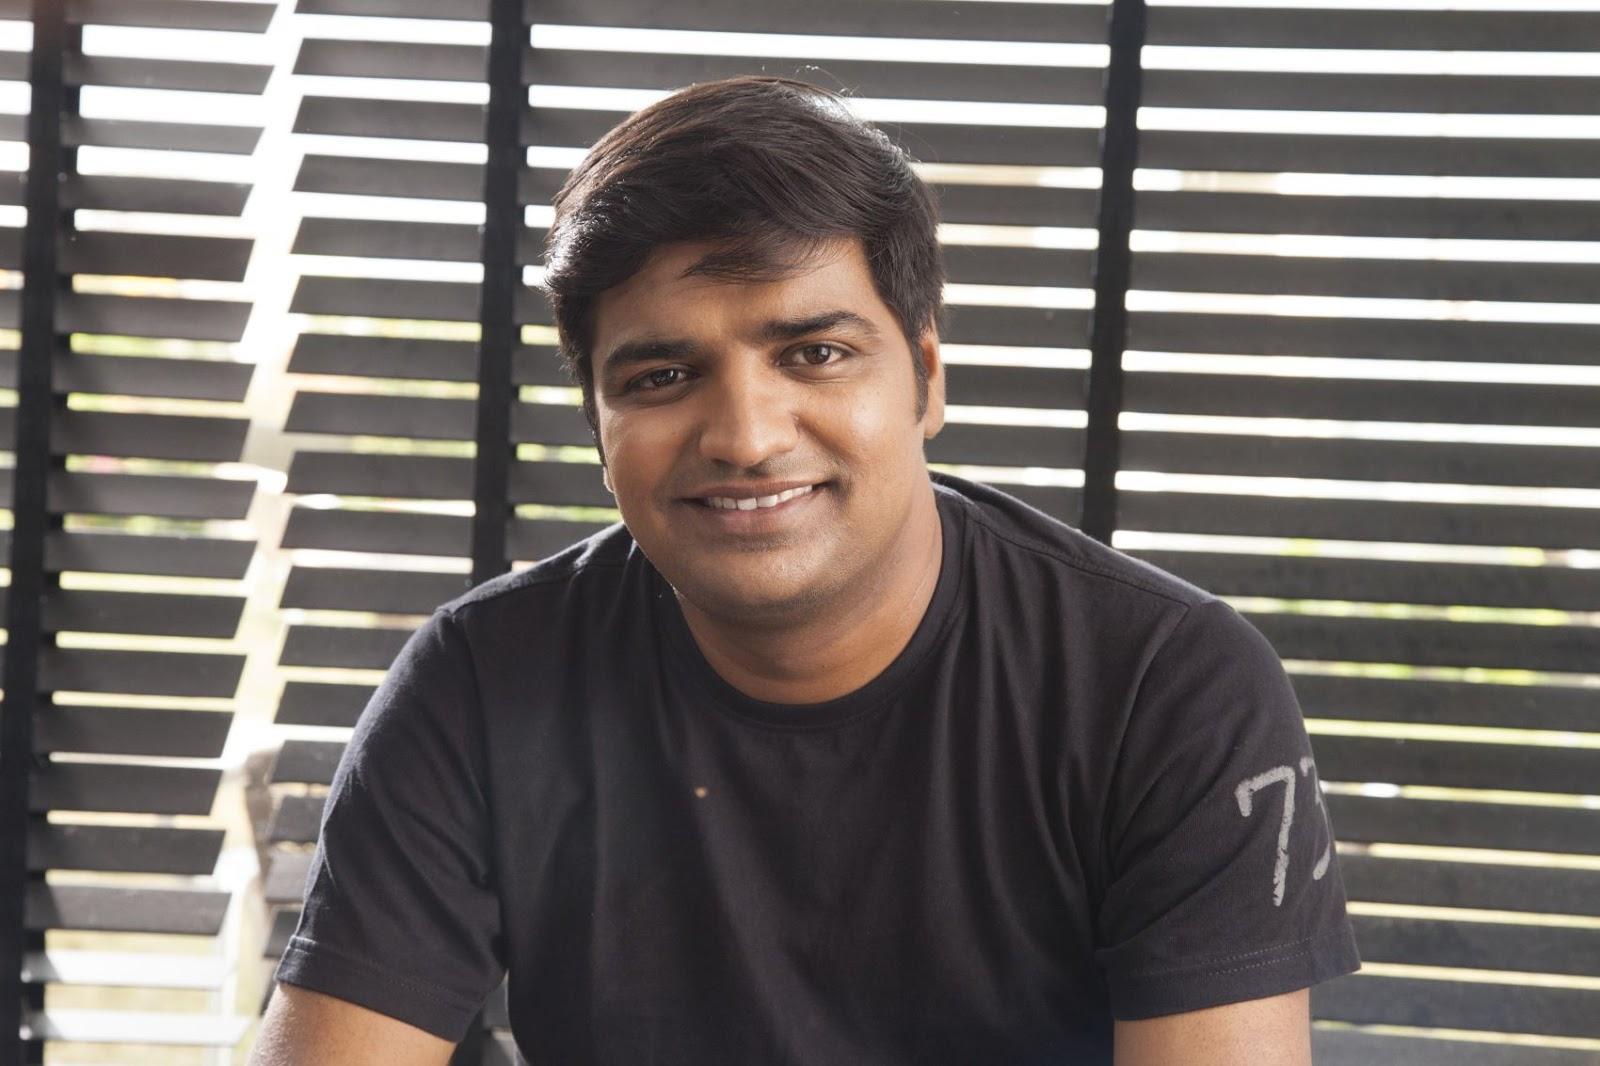 Mr. Chandramouli Picture Gallery